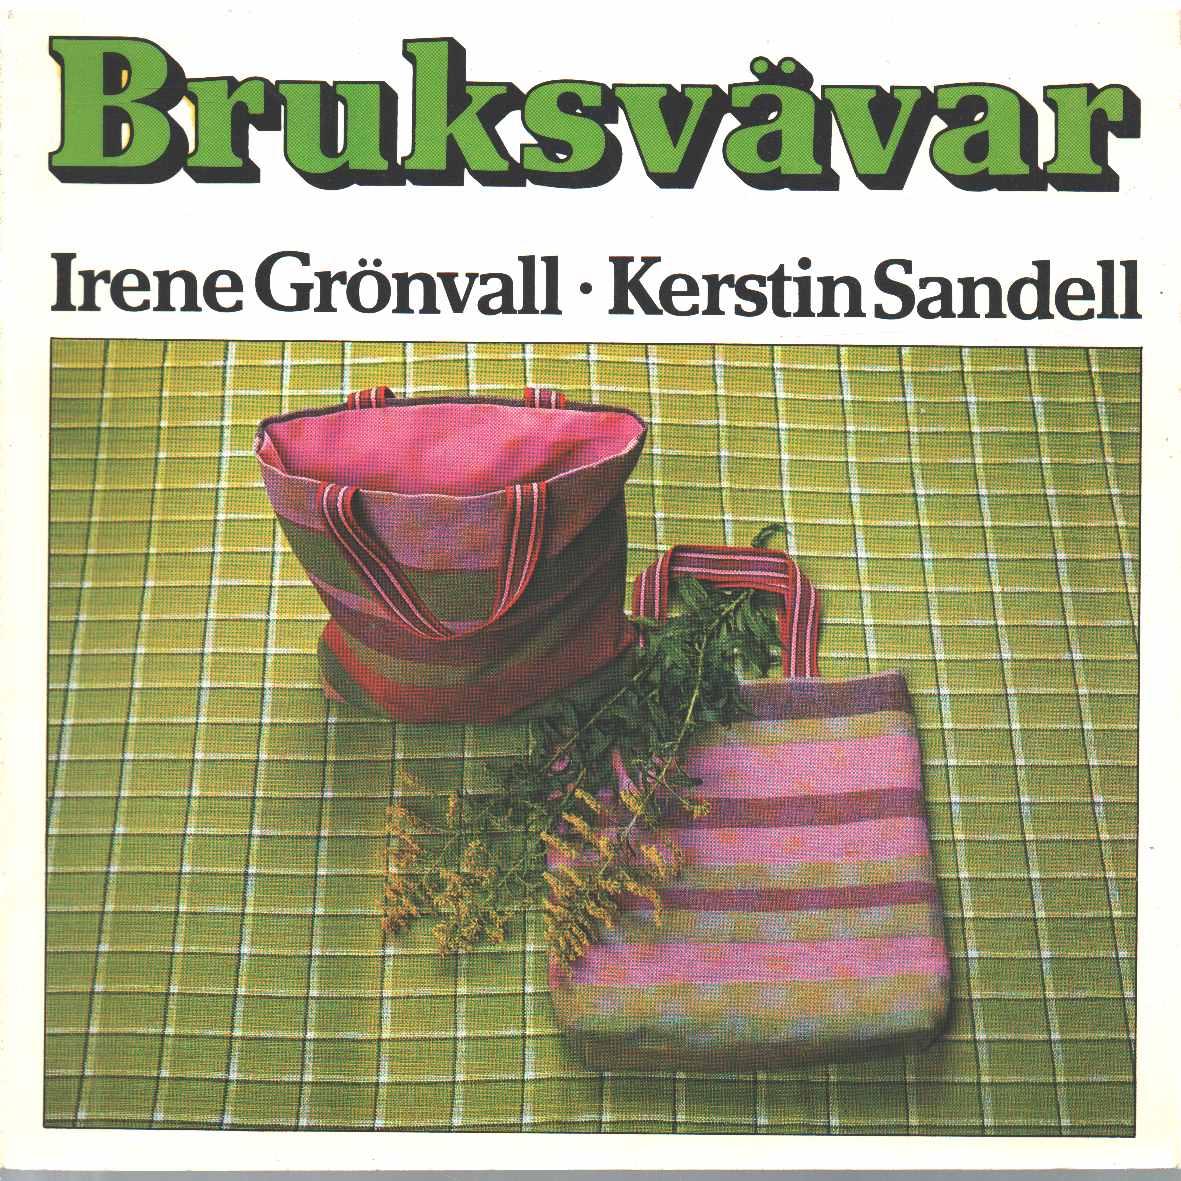 Bruksvävar  - Grönvall, Irene och Sandell, Kerstin